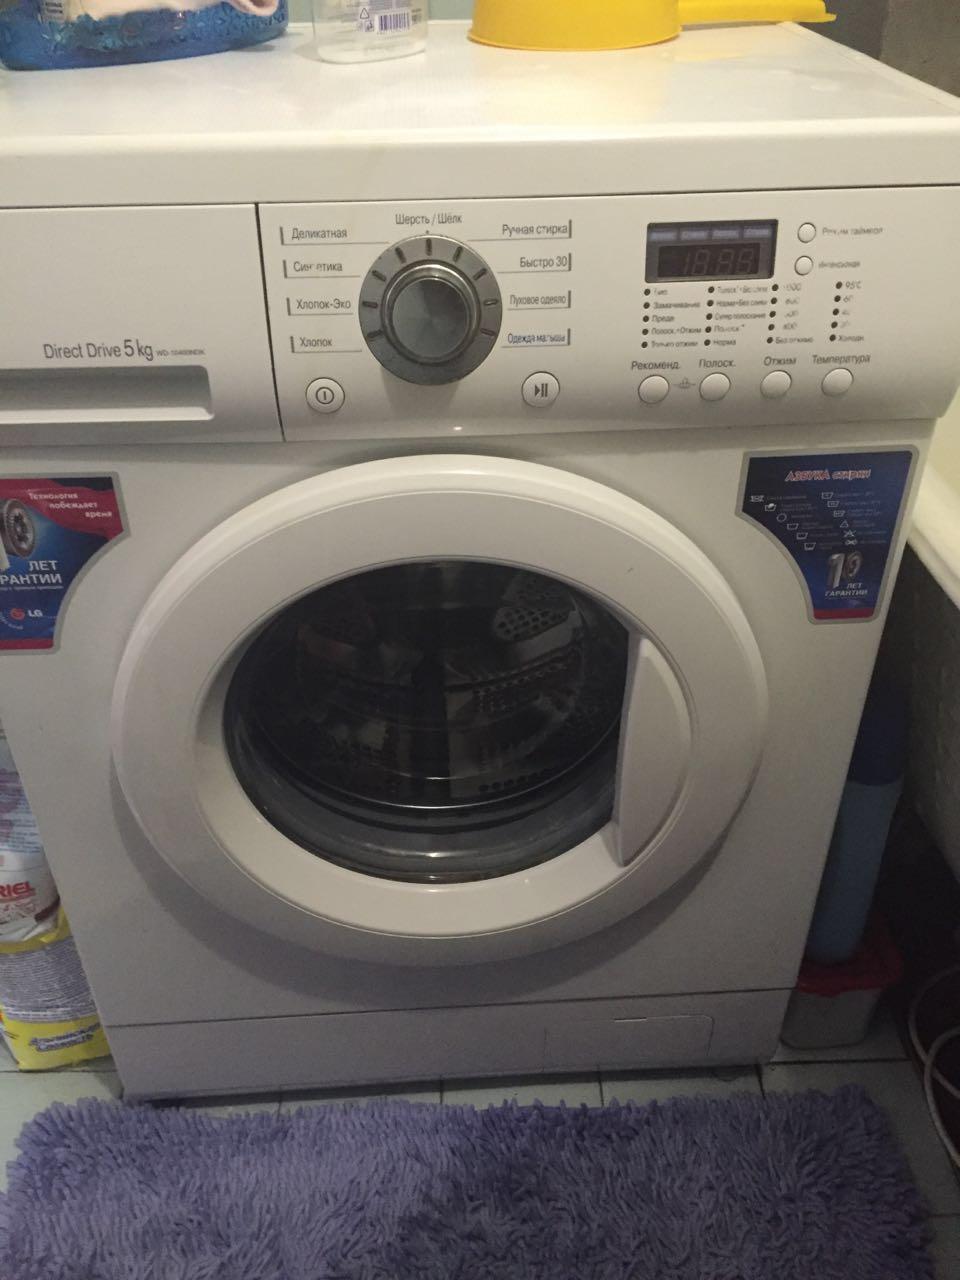 Ремонт lg стиральной машины wd-80155nu своими руками